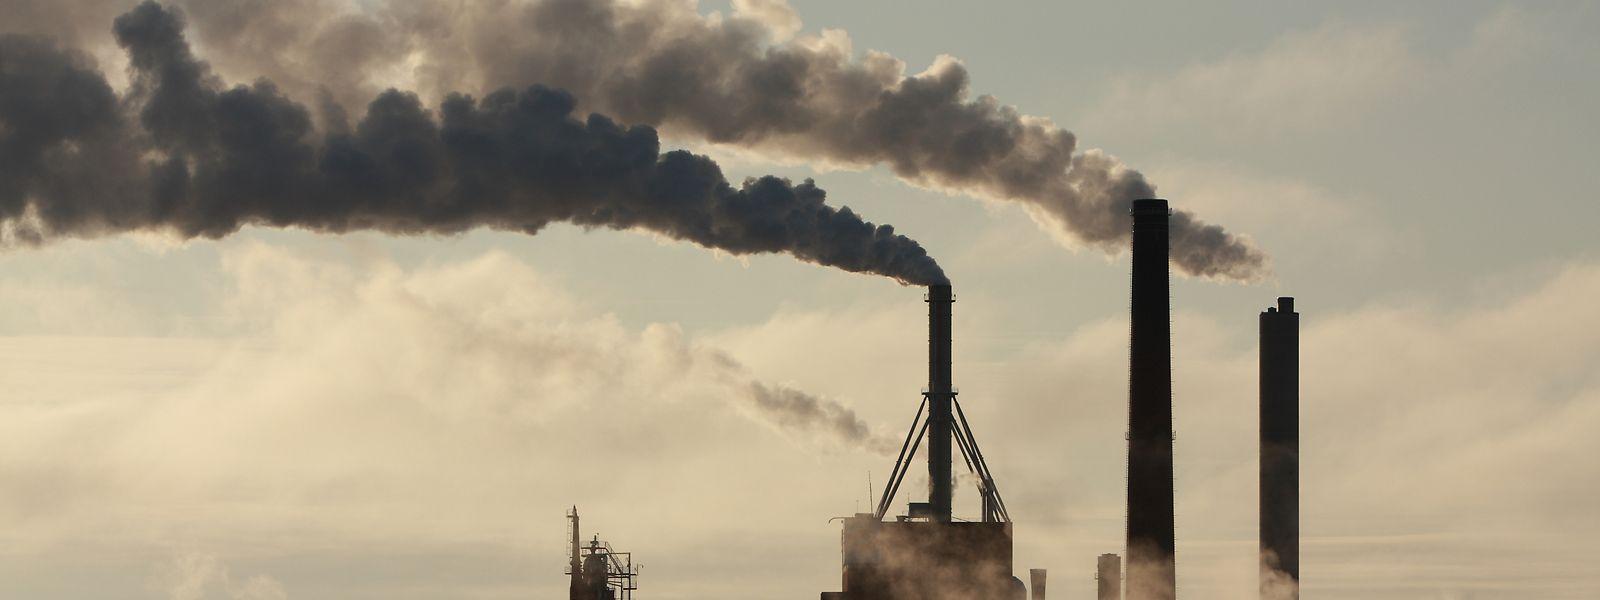 Es ist nicht alles grün, was glänzt: Viele ESG-Anlagen halten nicht das, was sie versprechen.